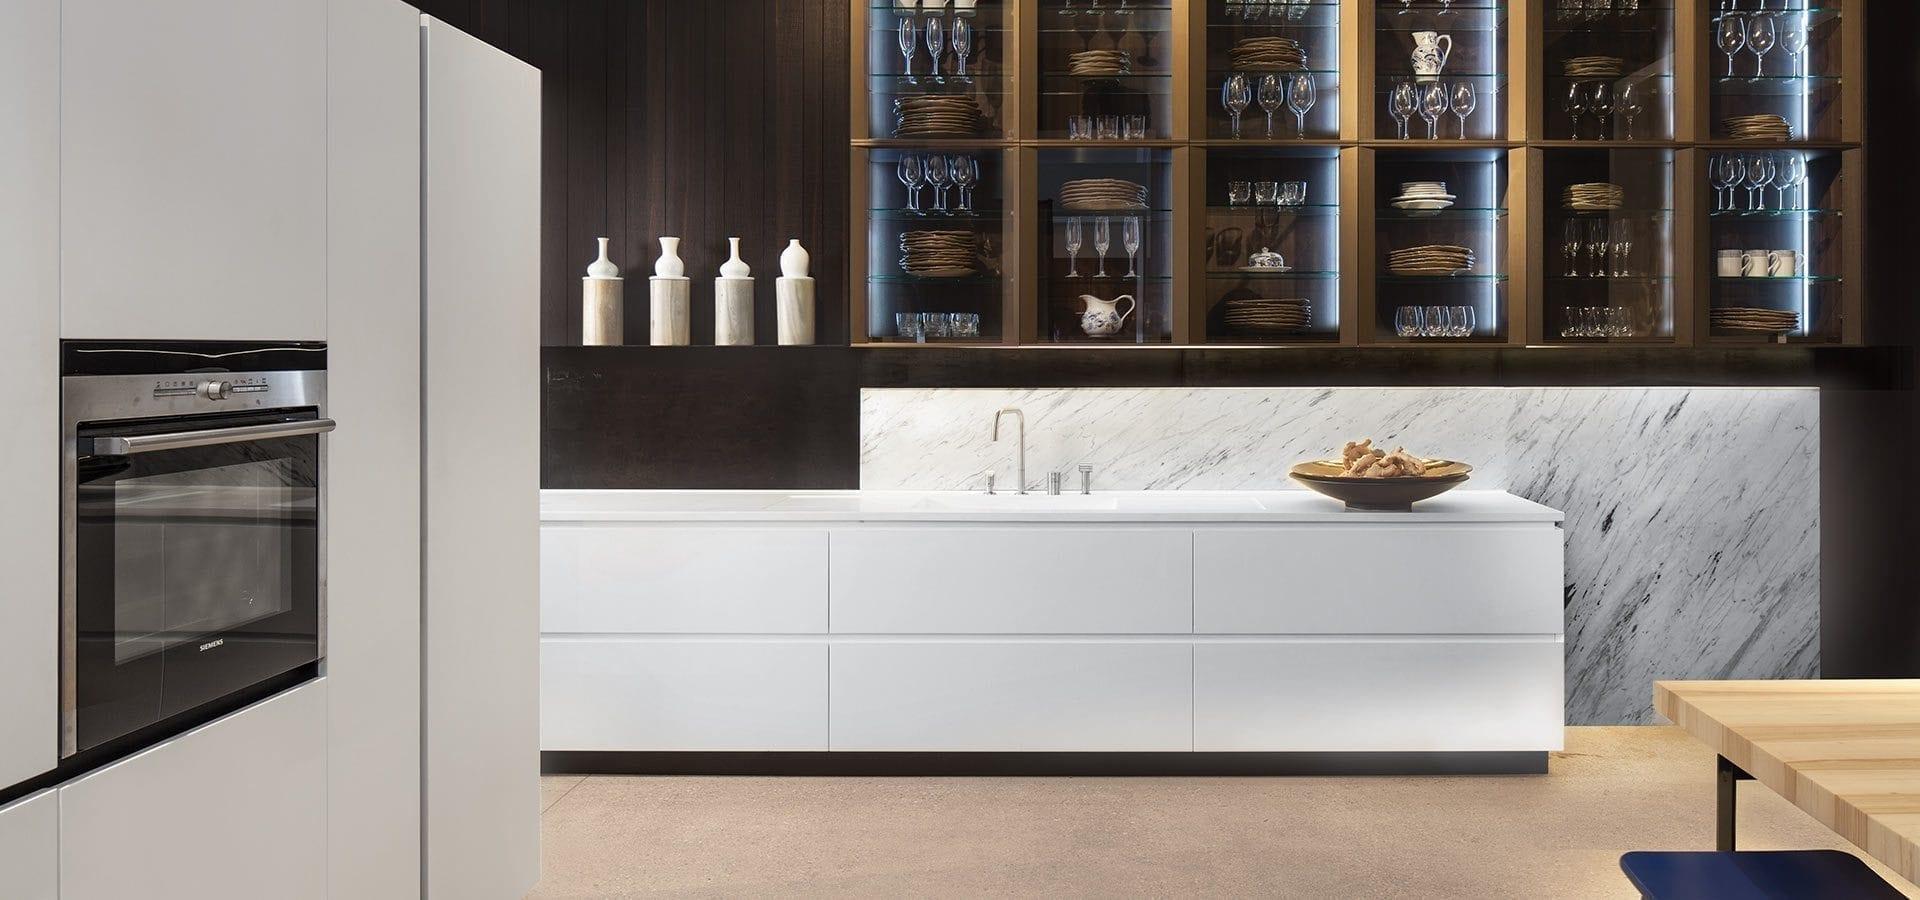 kitchen3_1920x900